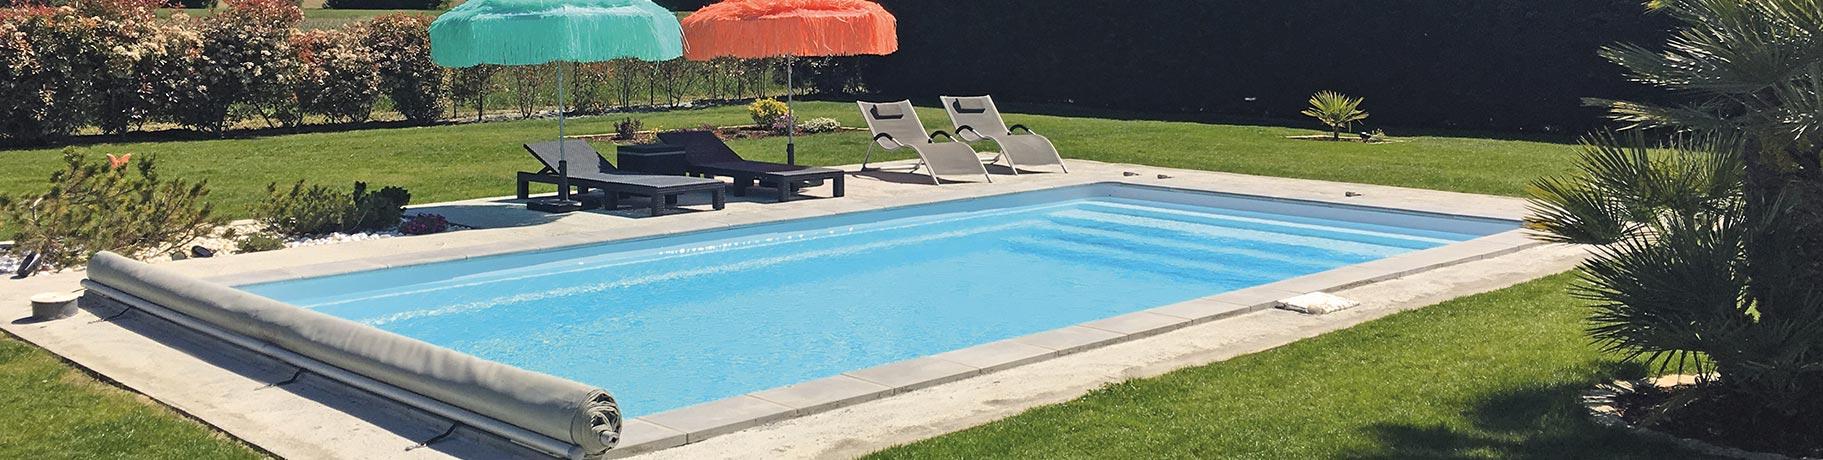 Eclairage Led Autour Piscine autour de la piscine : comment bien aménager les abords